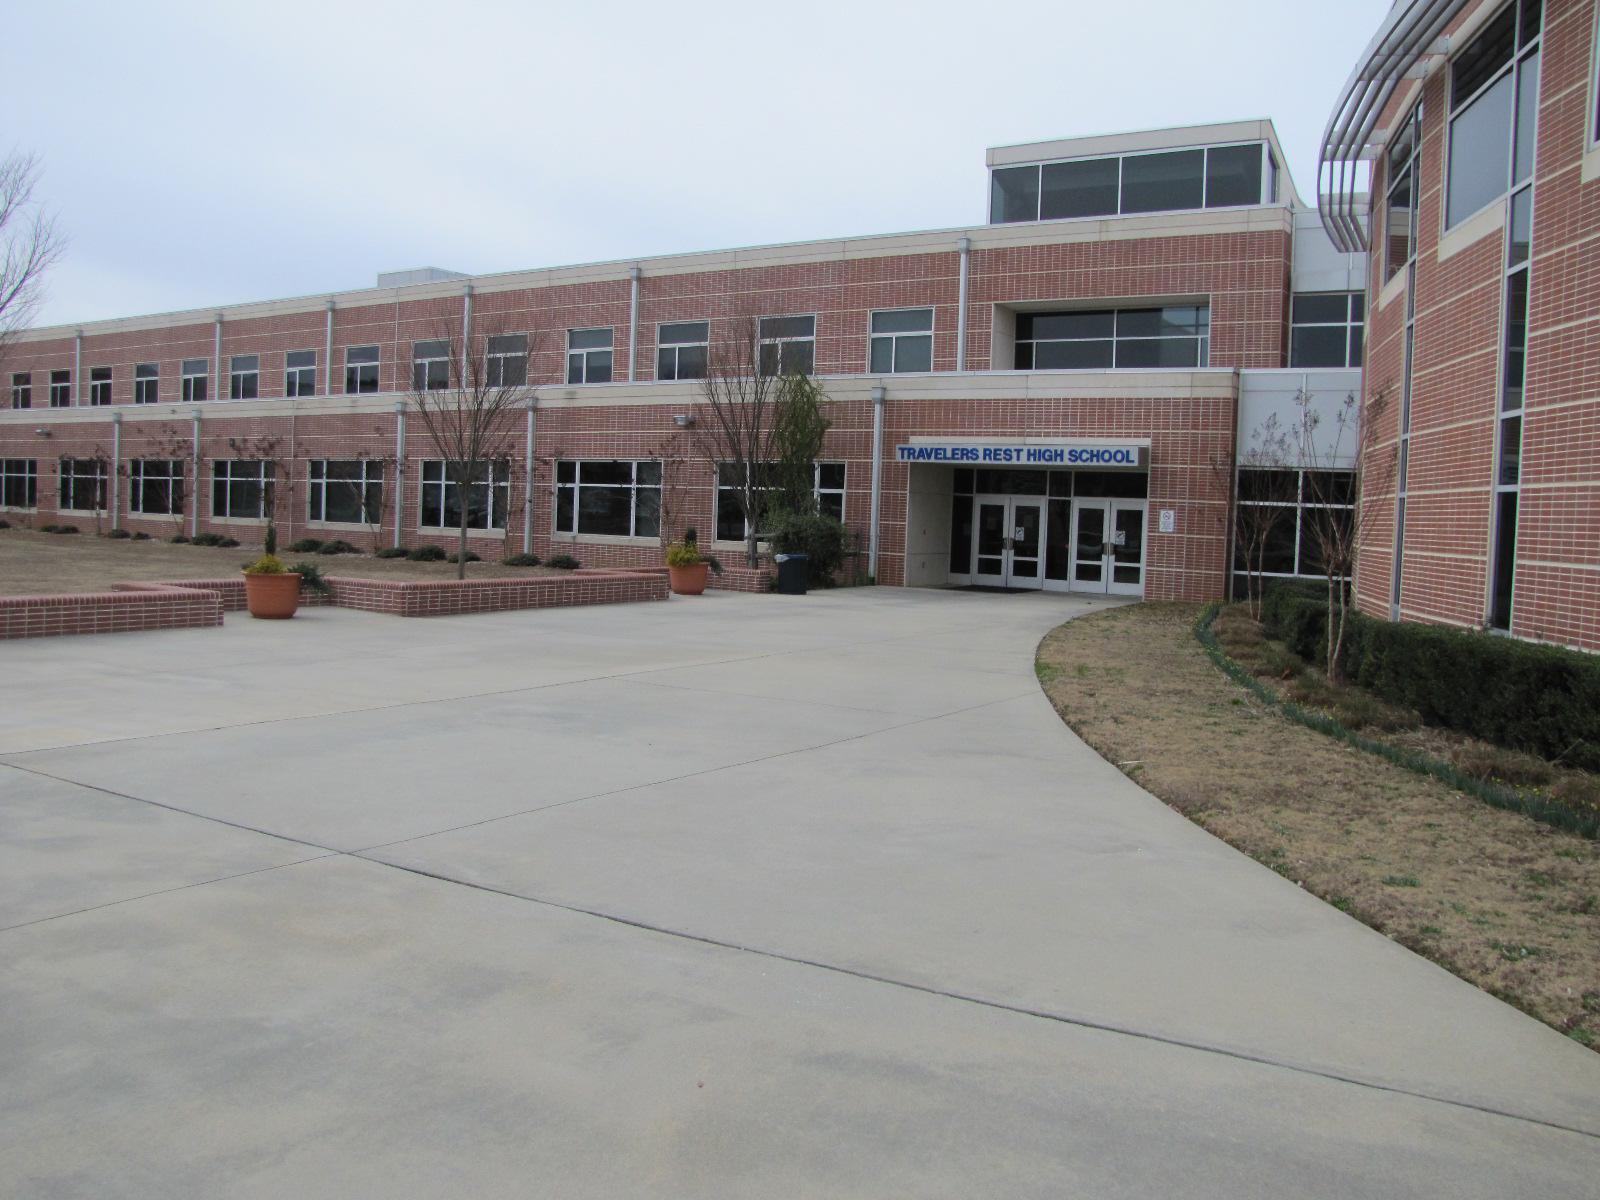 greenville-school-076